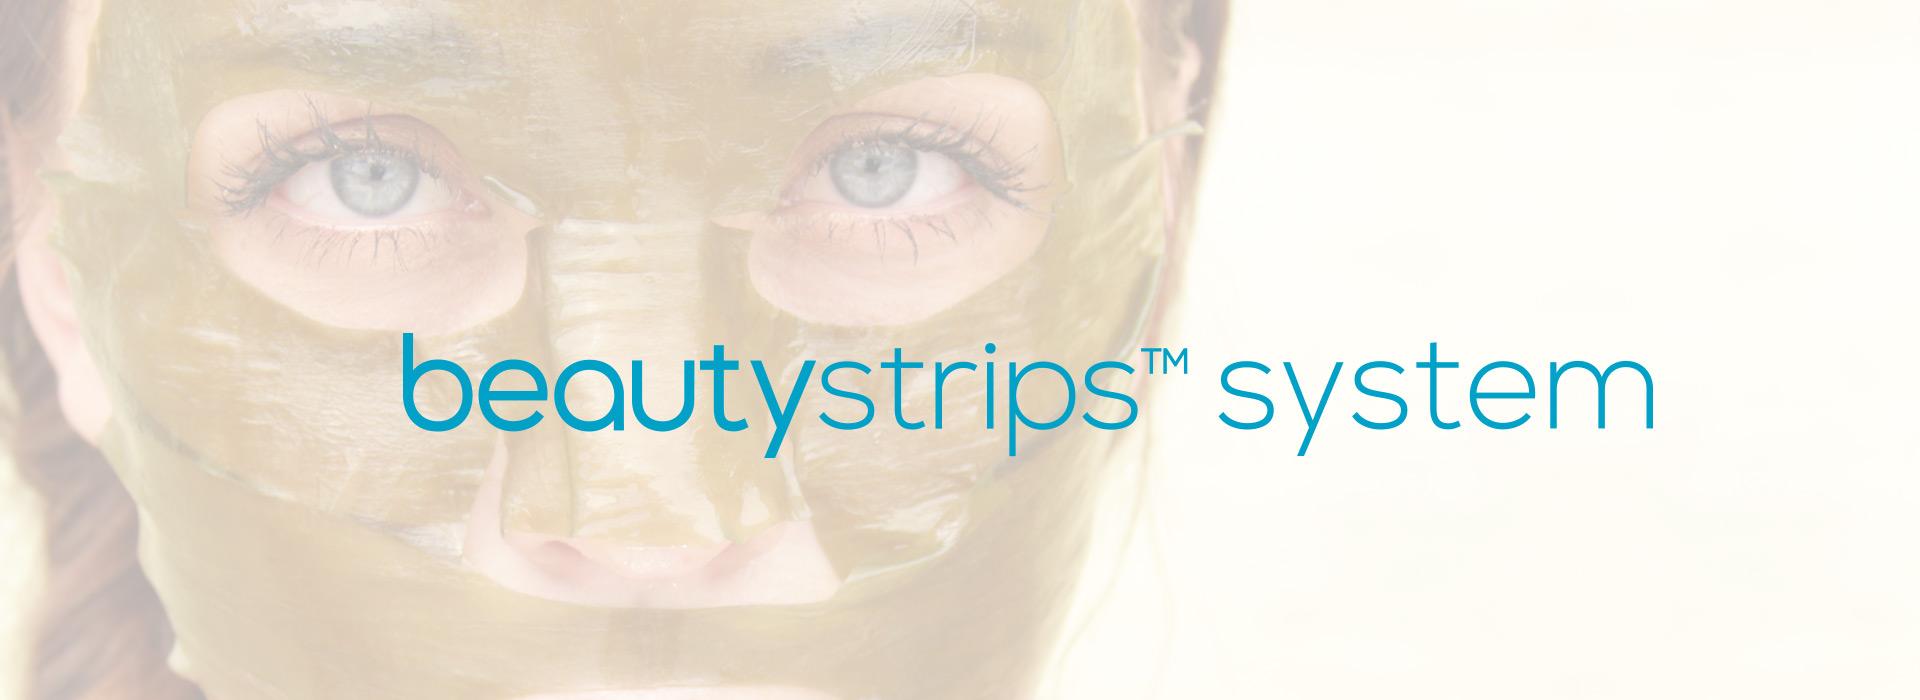 beauty-system-slide1